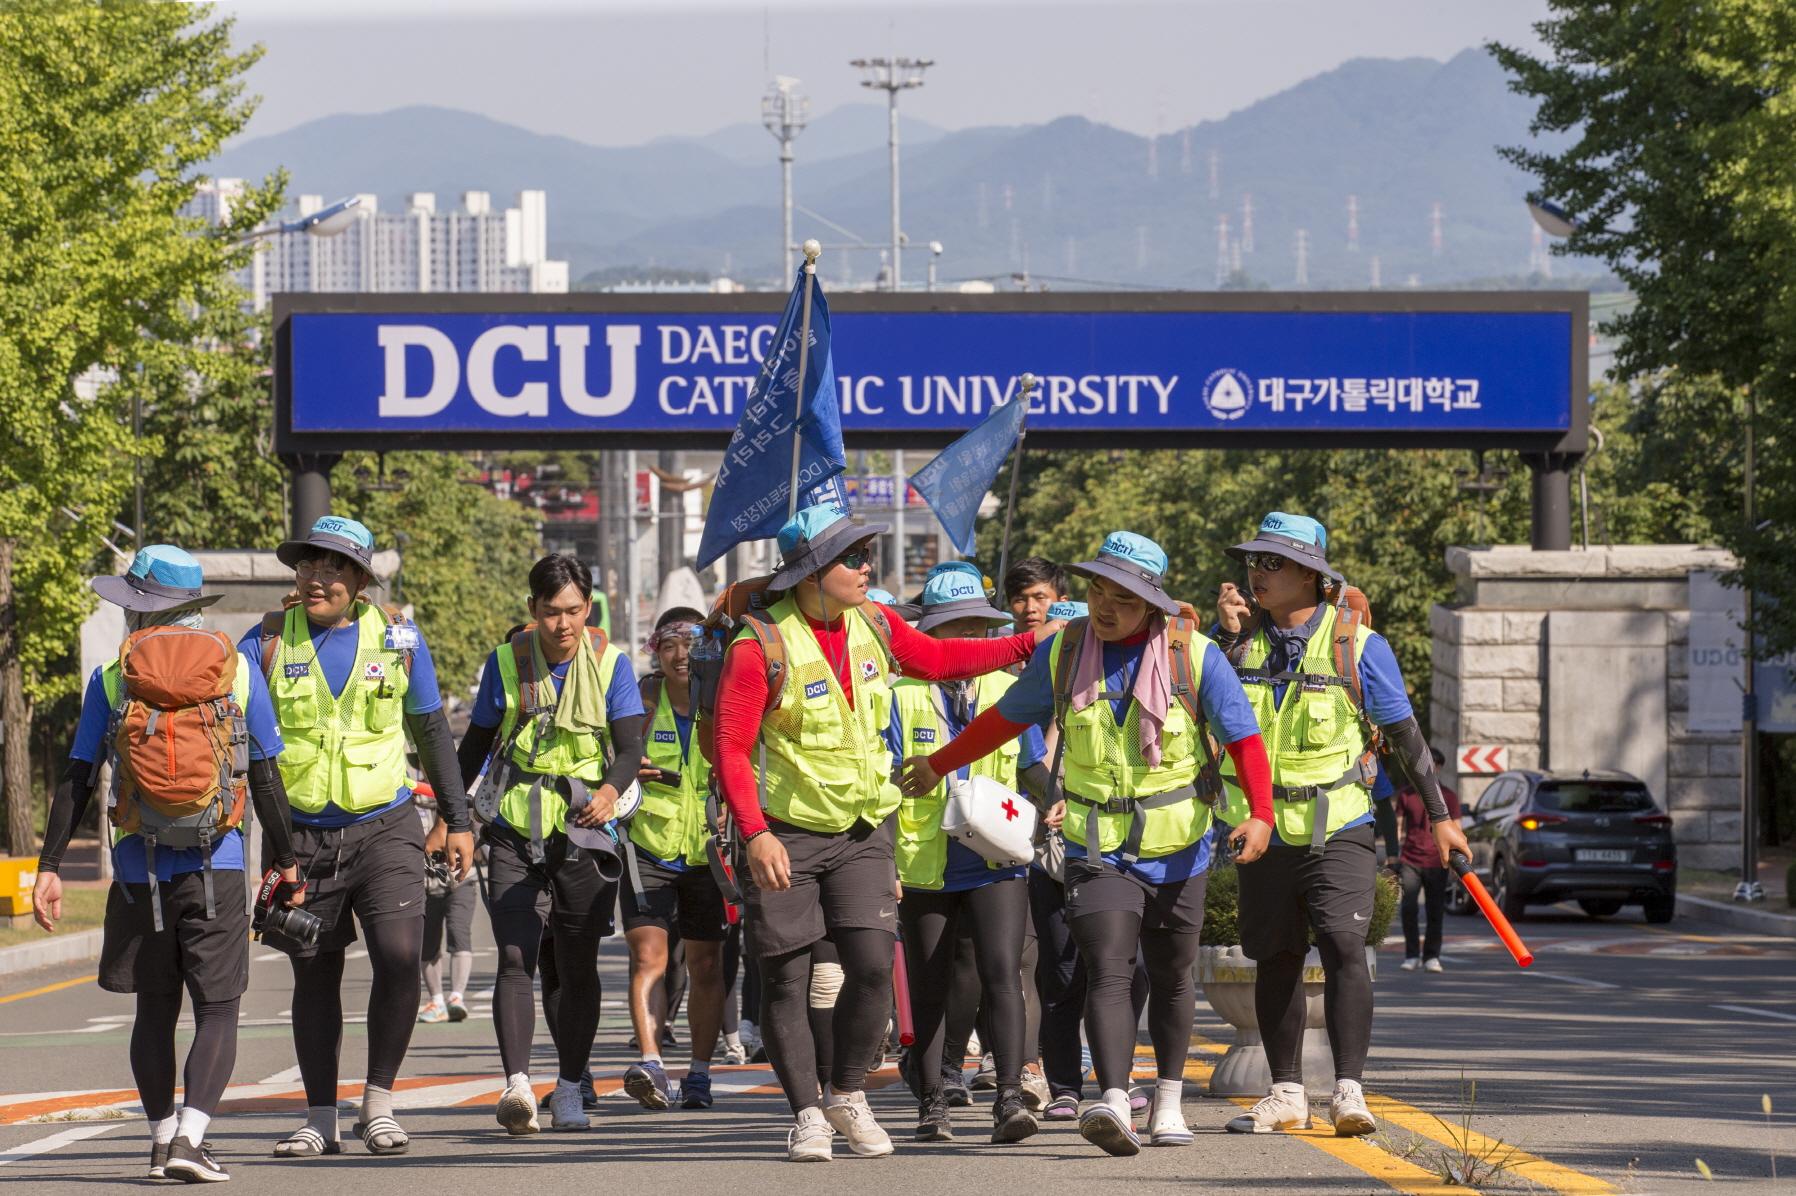 대구가톨릭대 학생들, 223km 국토대장정 완주